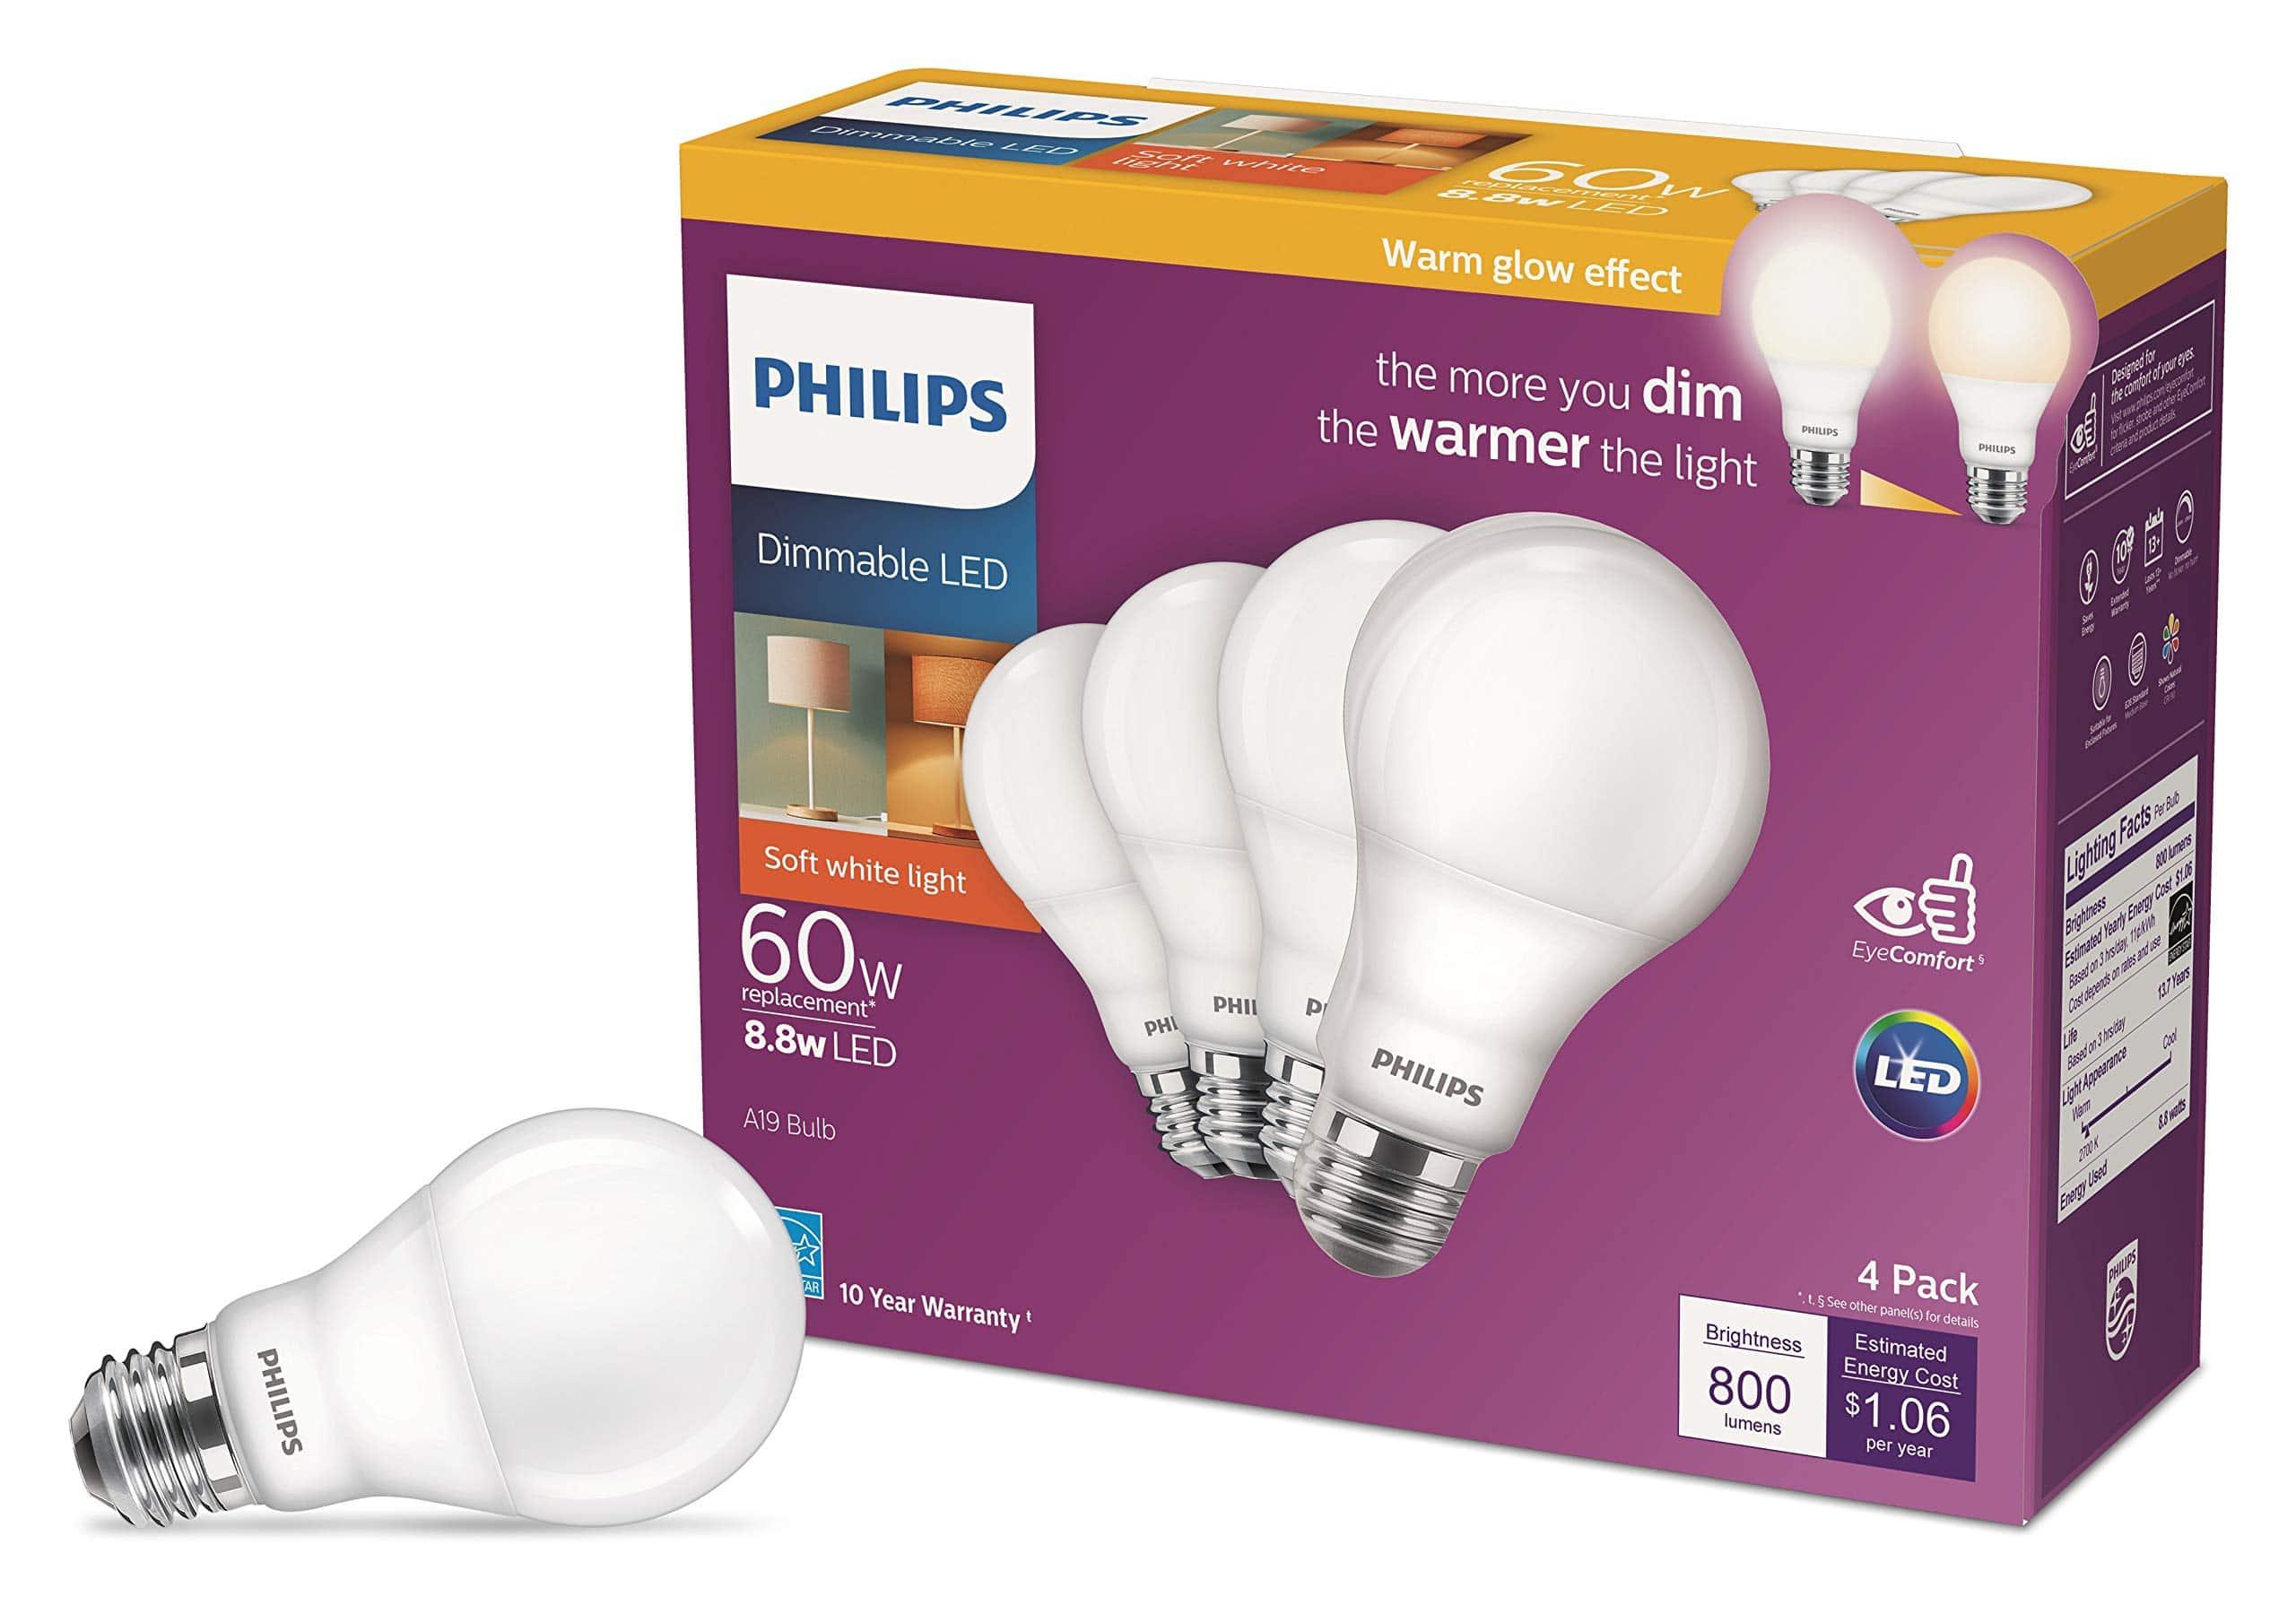 کنترل روشنایی هوشمند با دما فیلیپس